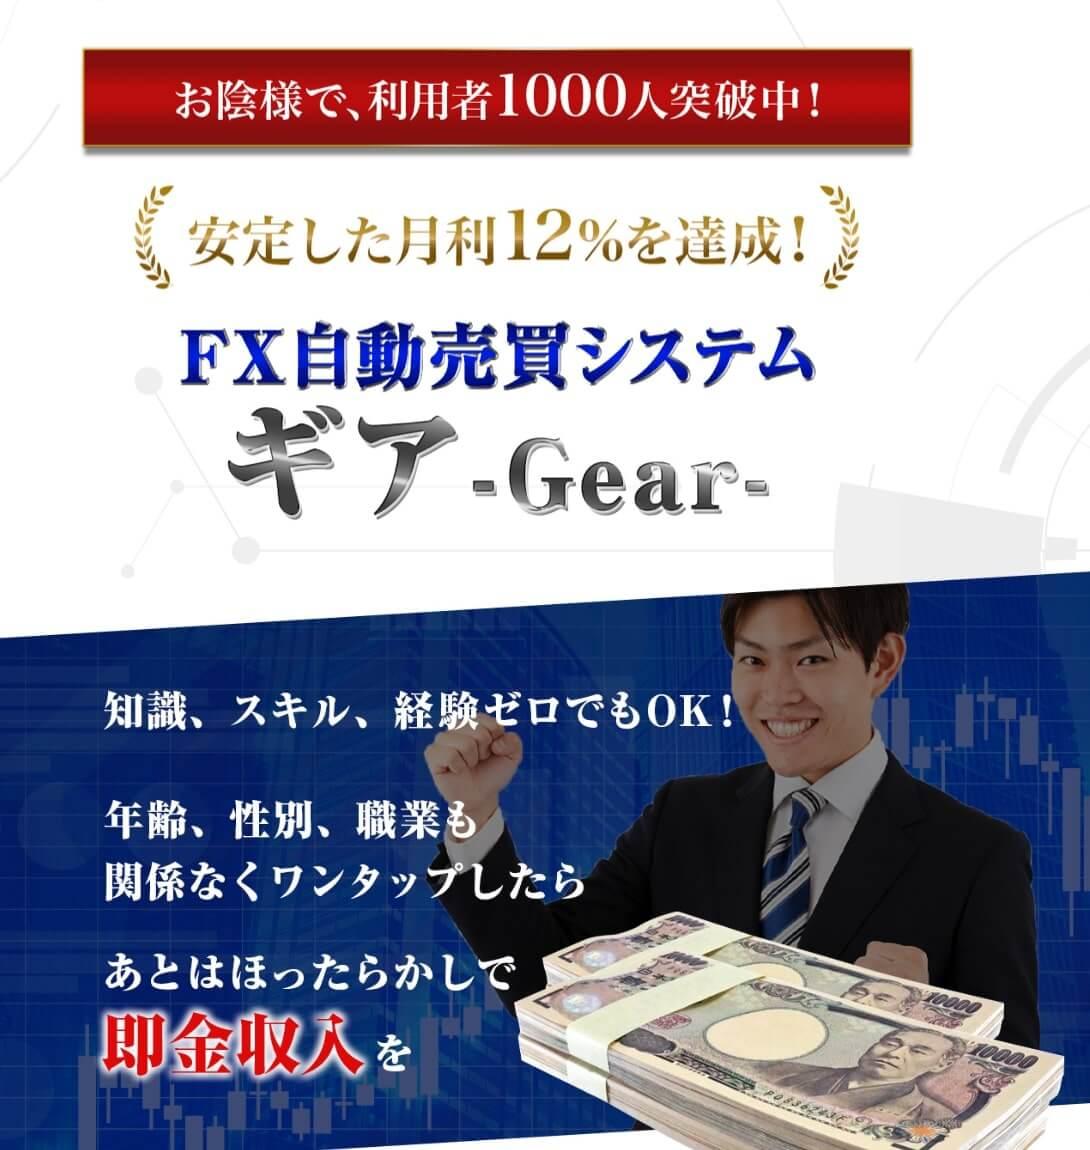 ギアツール(GEARツール)は詐欺か!怪しいFX自動売買システム?毎日20万円稼げるFX投資ツールの評判や仕組みを調査